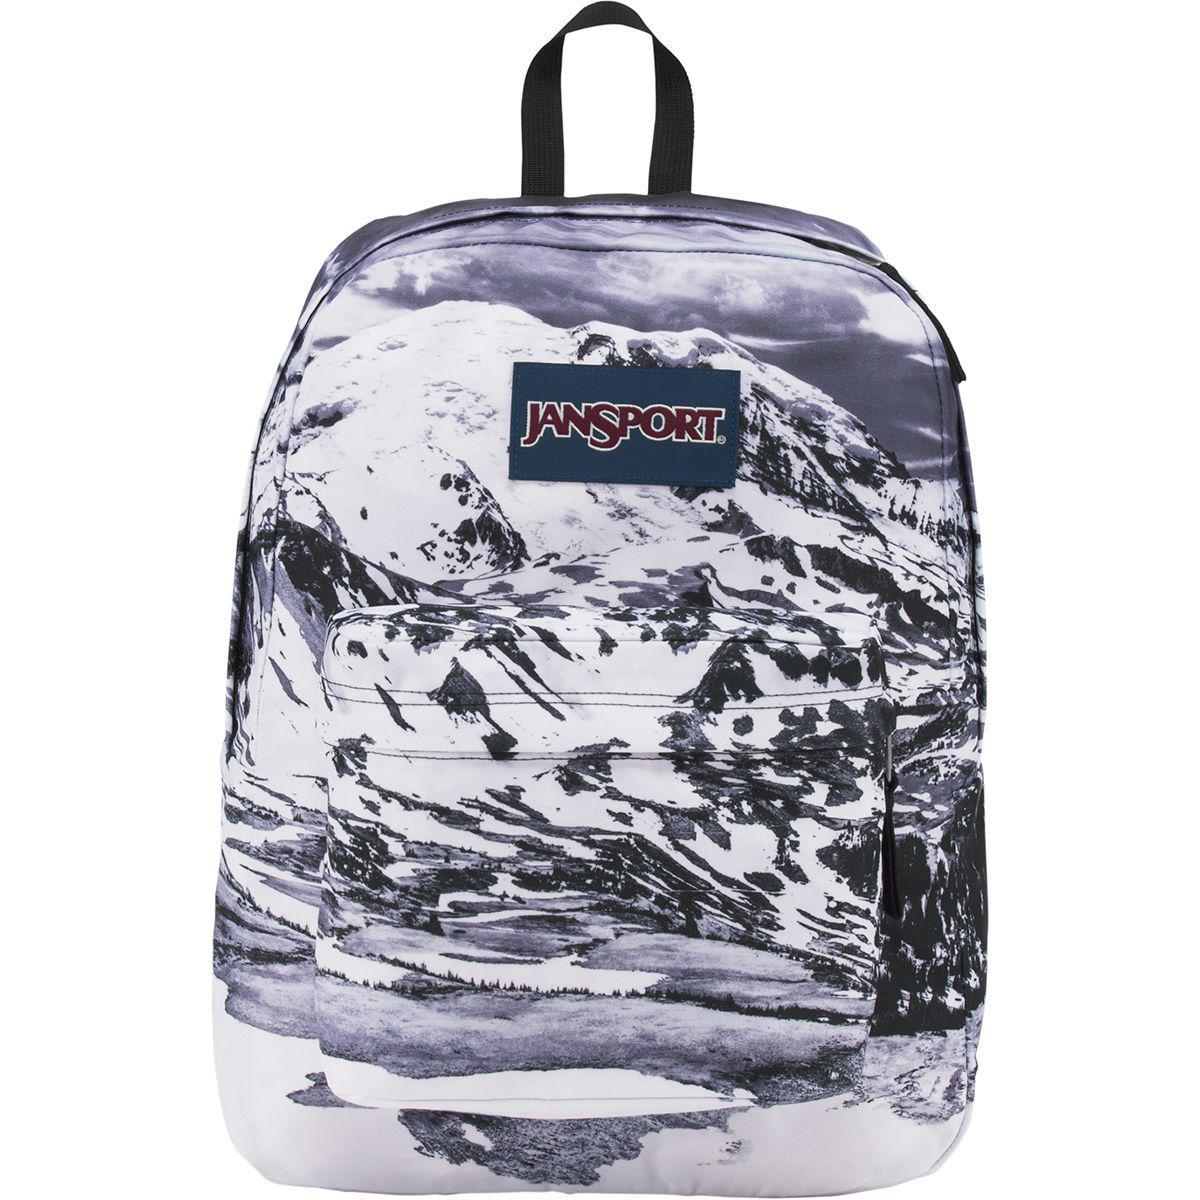 Edo Floral Jansport Backpack – Hanna Oaks